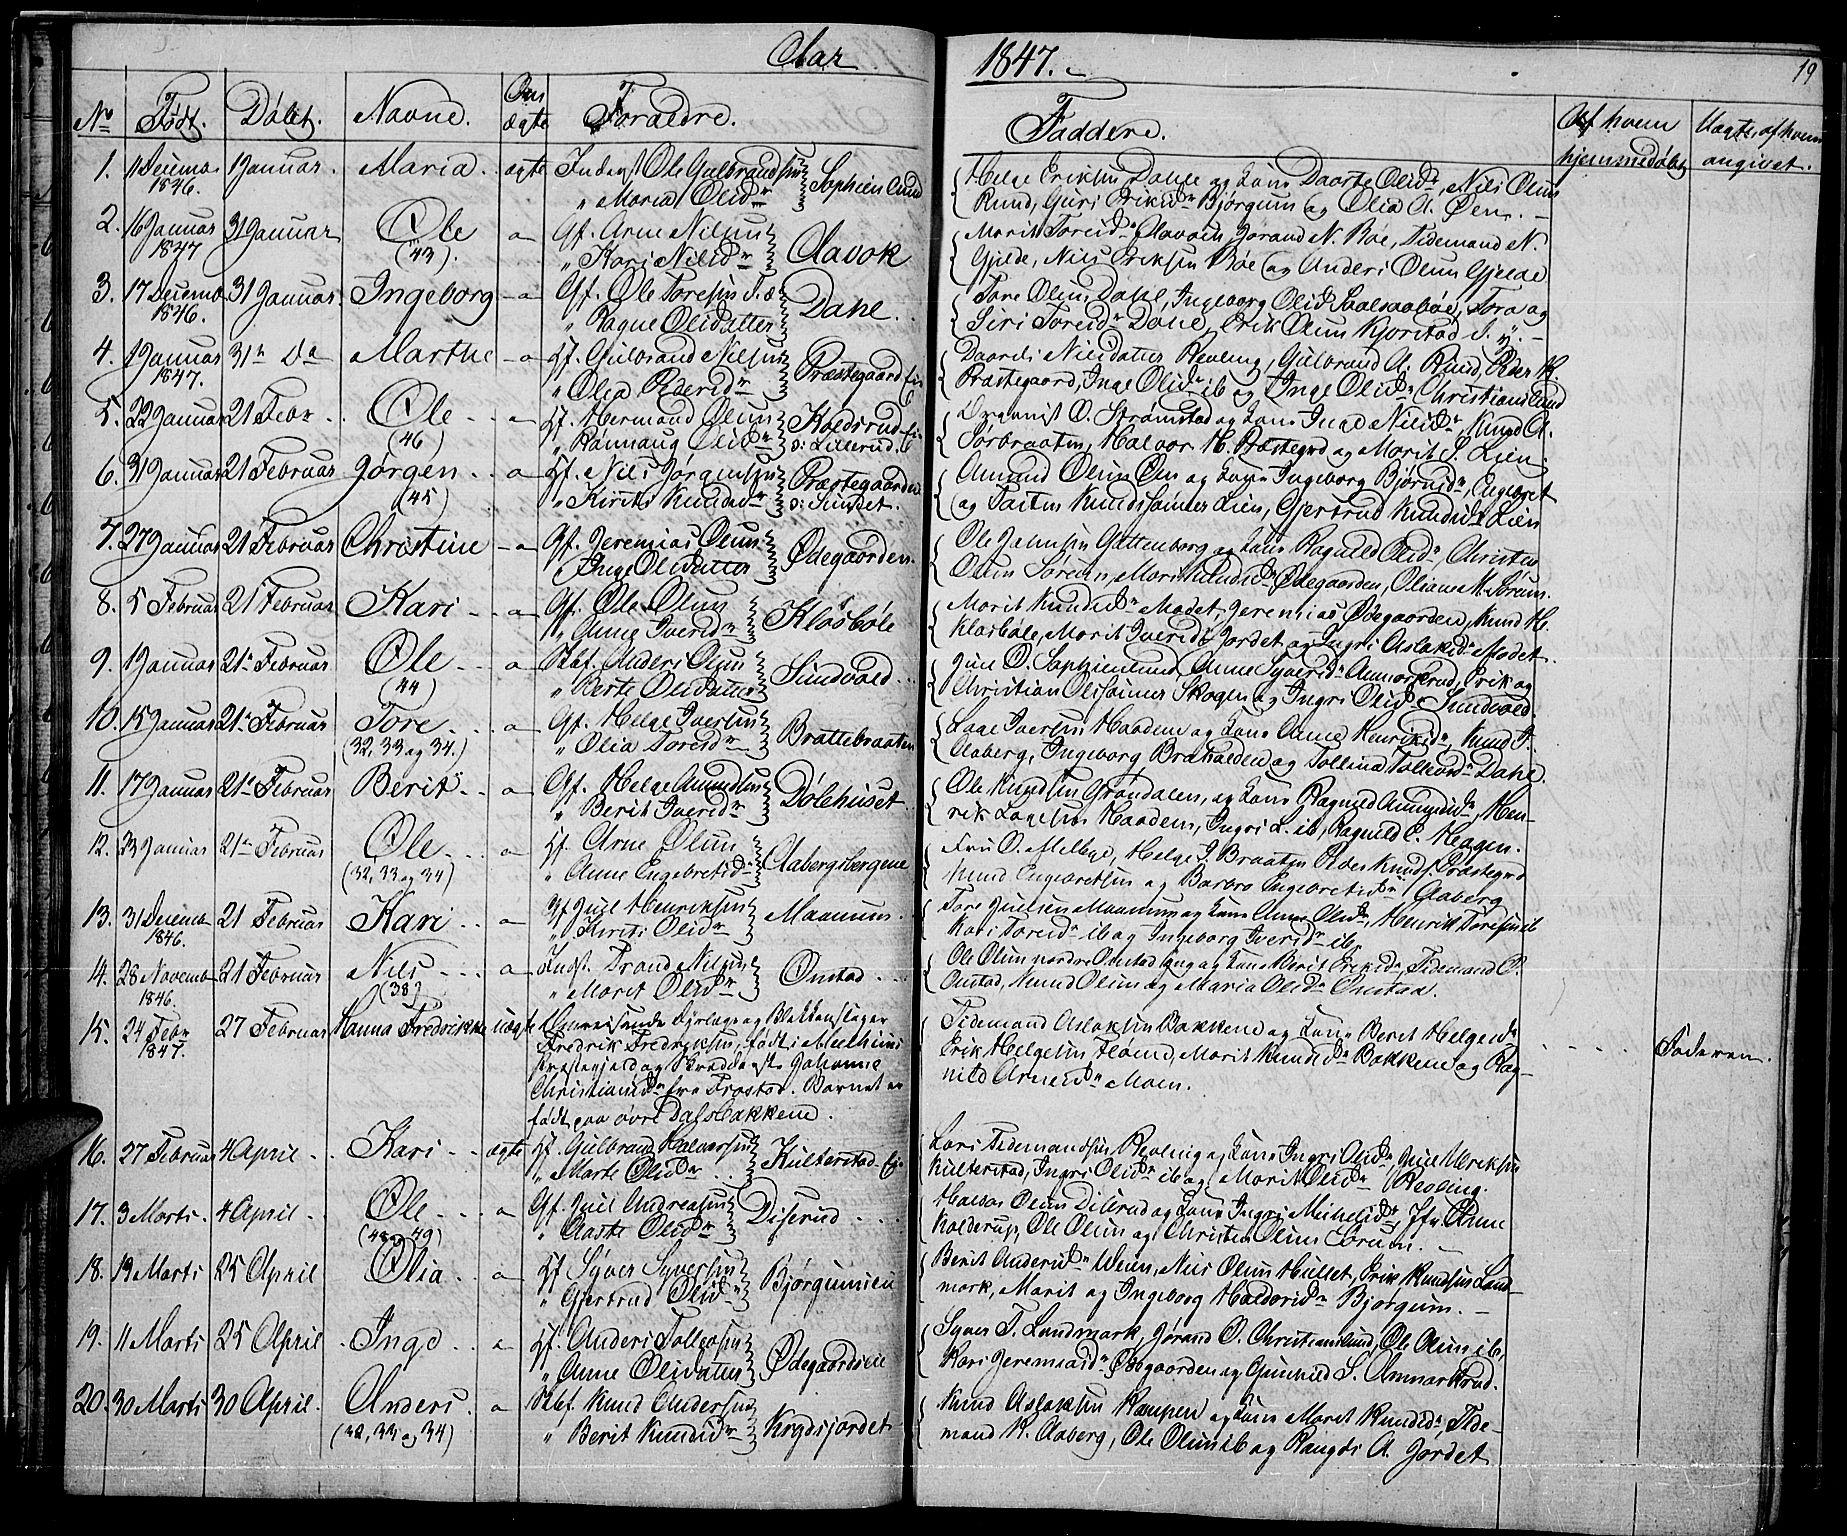 SAH, Nord-Aurdal prestekontor, Klokkerbok nr. 2, 1842-1877, s. 19